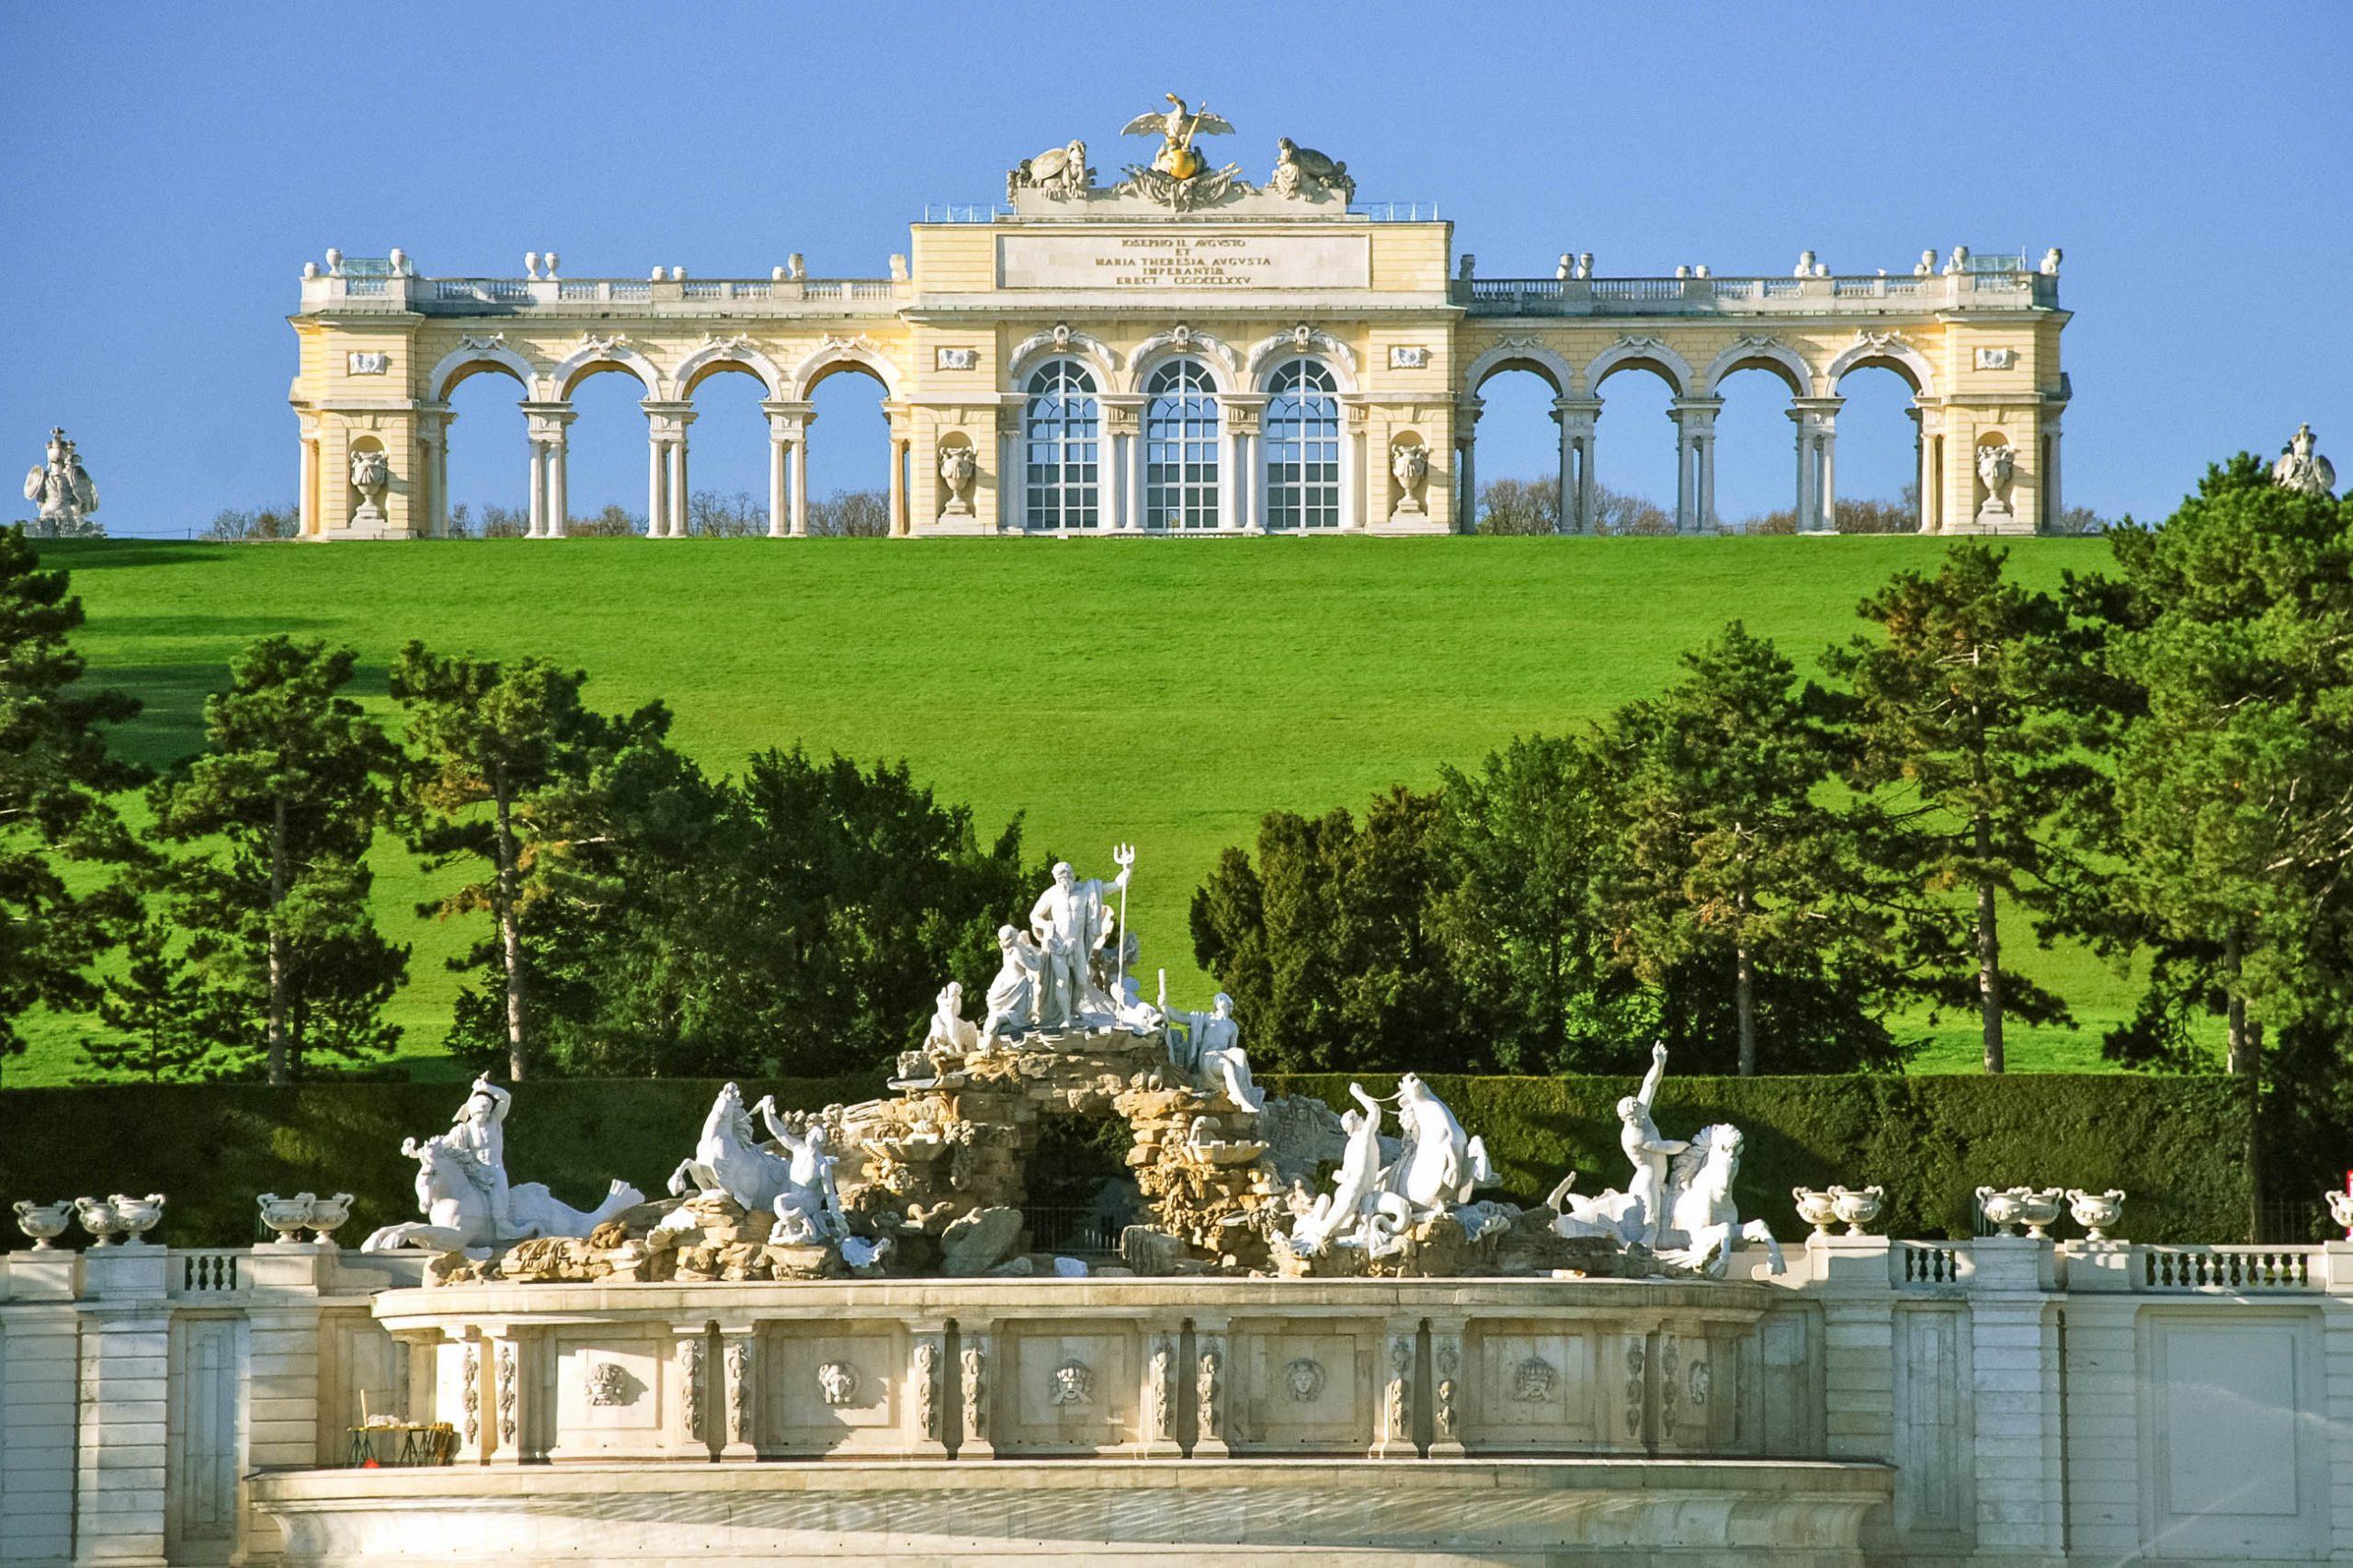 10 nejkrásnějších hradů a paláců v Evropě 3